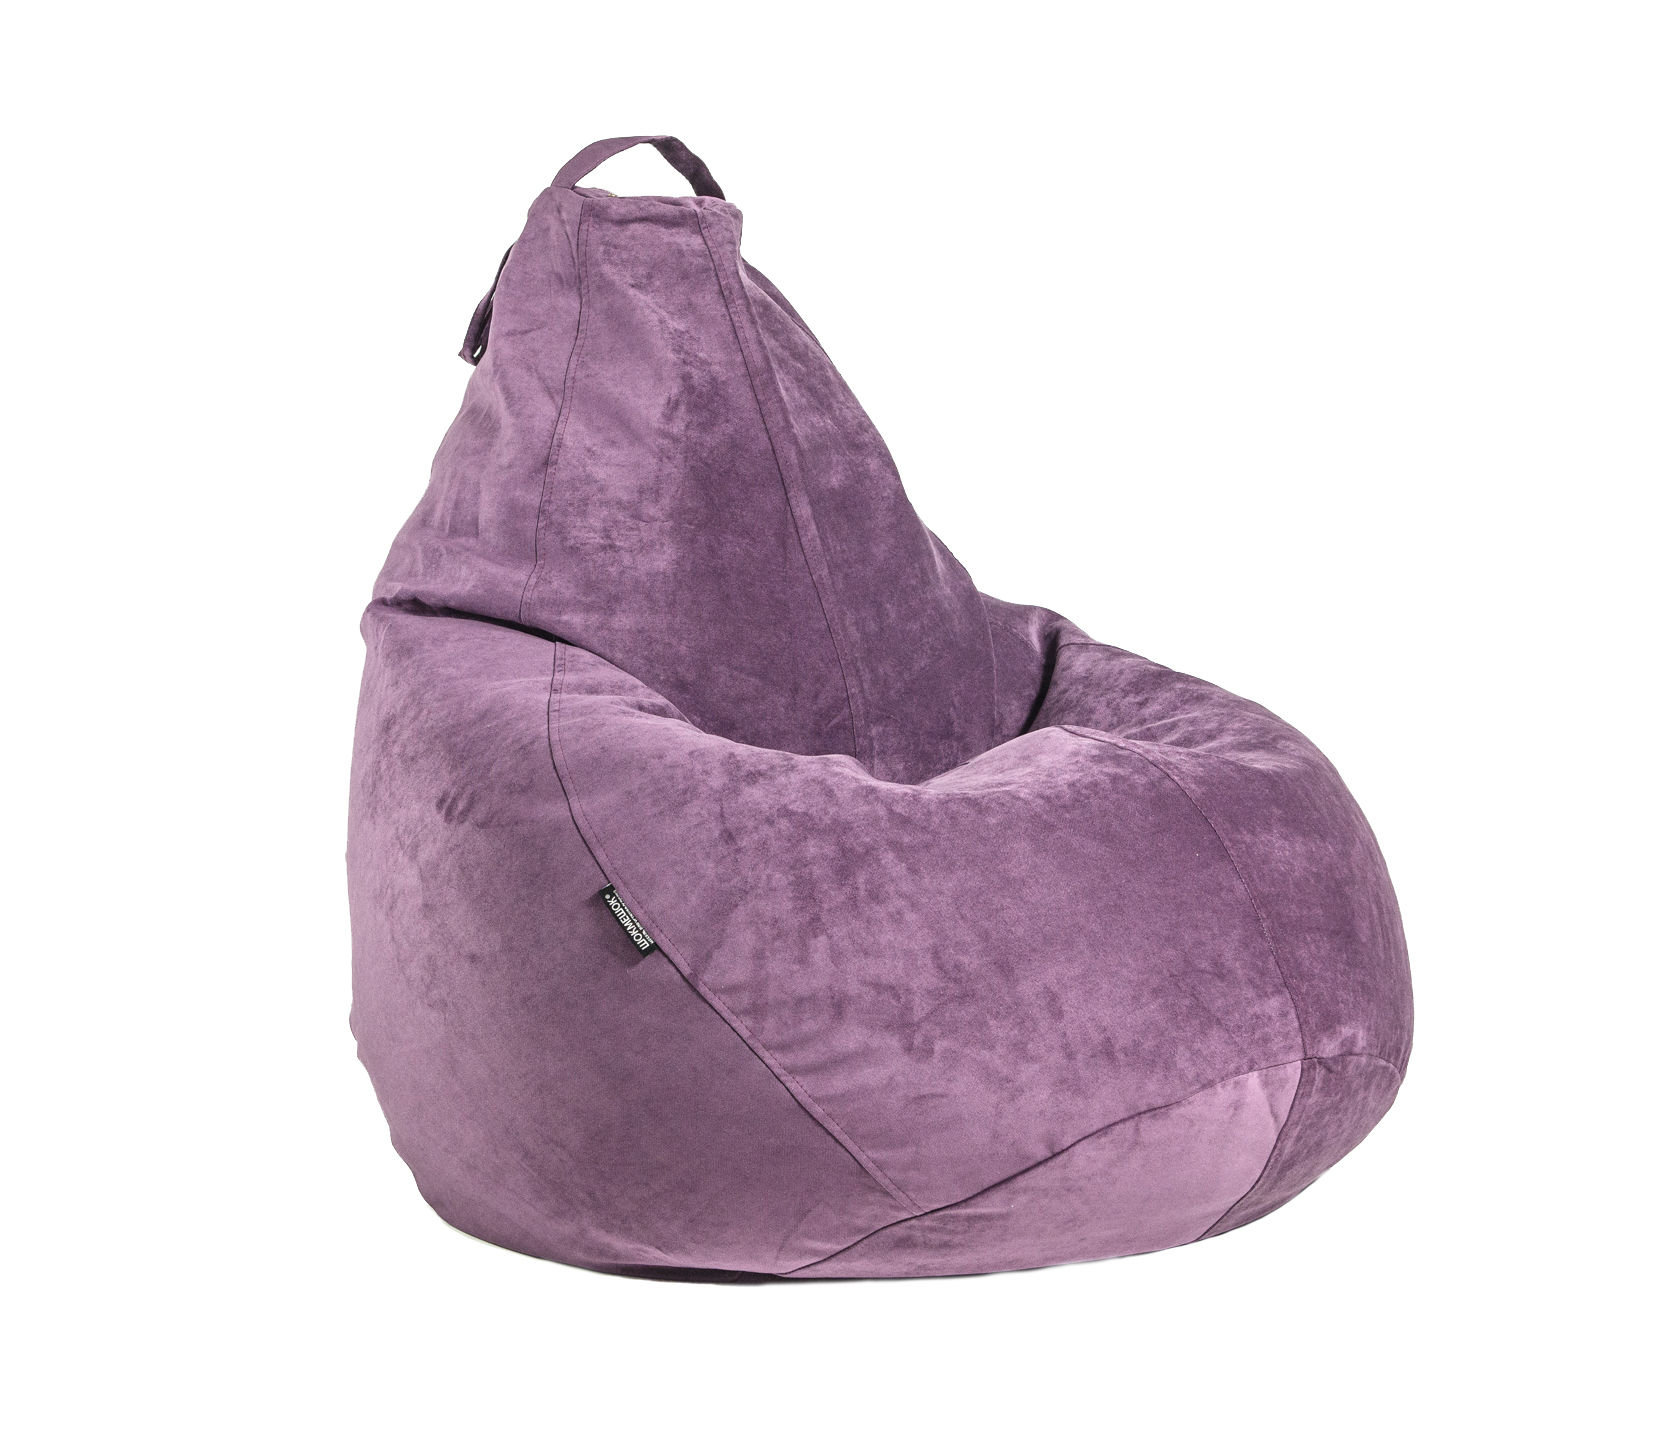 Кресло-мешок BossКресла-мешки<br>&amp;lt;div&amp;gt;Бескаркасное кресло-мешок Boss - это кресло большого размера, которое хорошо поддерживает спину и плечи. Это делает кресло удобным для отдыха. Ткань - микровелюр с коротким ворсом. Коллекция тканей Aкварель была создана по полотнам художника Эдуарда Гау, что придает ей художественный шарм. Прочность ткани 60 000 циклов по Мартиндейлу, что подходит даже для коммерческого использования. Внешний чехол снимается для чистки или стирки в деликатном режиме. Внутренний чехол влагонепроницаемый. Фирменный наполнитель с гарантией 1 год. &amp;amp;nbsp; &amp;amp;nbsp; &amp;amp;nbsp; &amp;amp;nbsp; &amp;amp;nbsp; &amp;amp;nbsp; &amp;amp;nbsp; &amp;amp;nbsp; &amp;amp;nbsp; &amp;amp;nbsp; &amp;amp;nbsp; &amp;amp;nbsp; &amp;amp;nbsp; &amp;amp;nbsp; &amp;amp;nbsp; &amp;amp;nbsp; &amp;amp;nbsp; &amp;amp;nbsp; &amp;amp;nbsp; &amp;amp;nbsp; &amp;amp;nbsp; &amp;amp;nbsp; &amp;amp;nbsp; &amp;amp;nbsp; &amp;amp;nbsp; &amp;amp;nbsp; &amp;amp;nbsp; &amp;amp;nbsp; &amp;amp;nbsp; &amp;amp;nbsp; &amp;amp;nbsp; &amp;amp;nbsp; &amp;amp;nbsp; &amp;amp;nbsp; &amp;amp;nbsp; &amp;amp;nbsp; &amp;amp;nbsp; &amp;amp;nbsp; &amp;amp;nbsp; &amp;amp;nbsp; &amp;amp;nbsp; &amp;amp;nbsp; &amp;amp;nbsp; &amp;amp;nbsp; &amp;amp;nbsp; &amp;amp;nbsp; &amp;amp;nbsp; &amp;amp;nbsp;&amp;amp;nbsp;&amp;lt;/div&amp;gt;&amp;lt;div&amp;gt;&amp;lt;br&amp;gt;&amp;lt;/div&amp;gt;&amp;lt;div&amp;gt;Описание&amp;lt;/div&amp;gt;&amp;lt;div&amp;gt;Высота кресла............................150 см&amp;lt;/div&amp;gt;&amp;lt;div&amp;gt;Диаметр кресла...........................95 см&amp;lt;/div&amp;gt;&amp;lt;div&amp;gt;Высота посадки............................50 см&amp;lt;/div&amp;gt;&amp;lt;div&amp;gt;Объем наполнения....................0,35 м3&amp;lt;/div&amp;gt;&amp;lt;div&amp;gt;Нагрузка (max).............................250 кг&amp;lt;/div&amp;gt;&amp;lt;div&amp;gt;Вес кресла....................................7- 8 кг&amp;lt;/div&amp;gt;&amp;lt;div&amp;gt;Внешний чехол ......